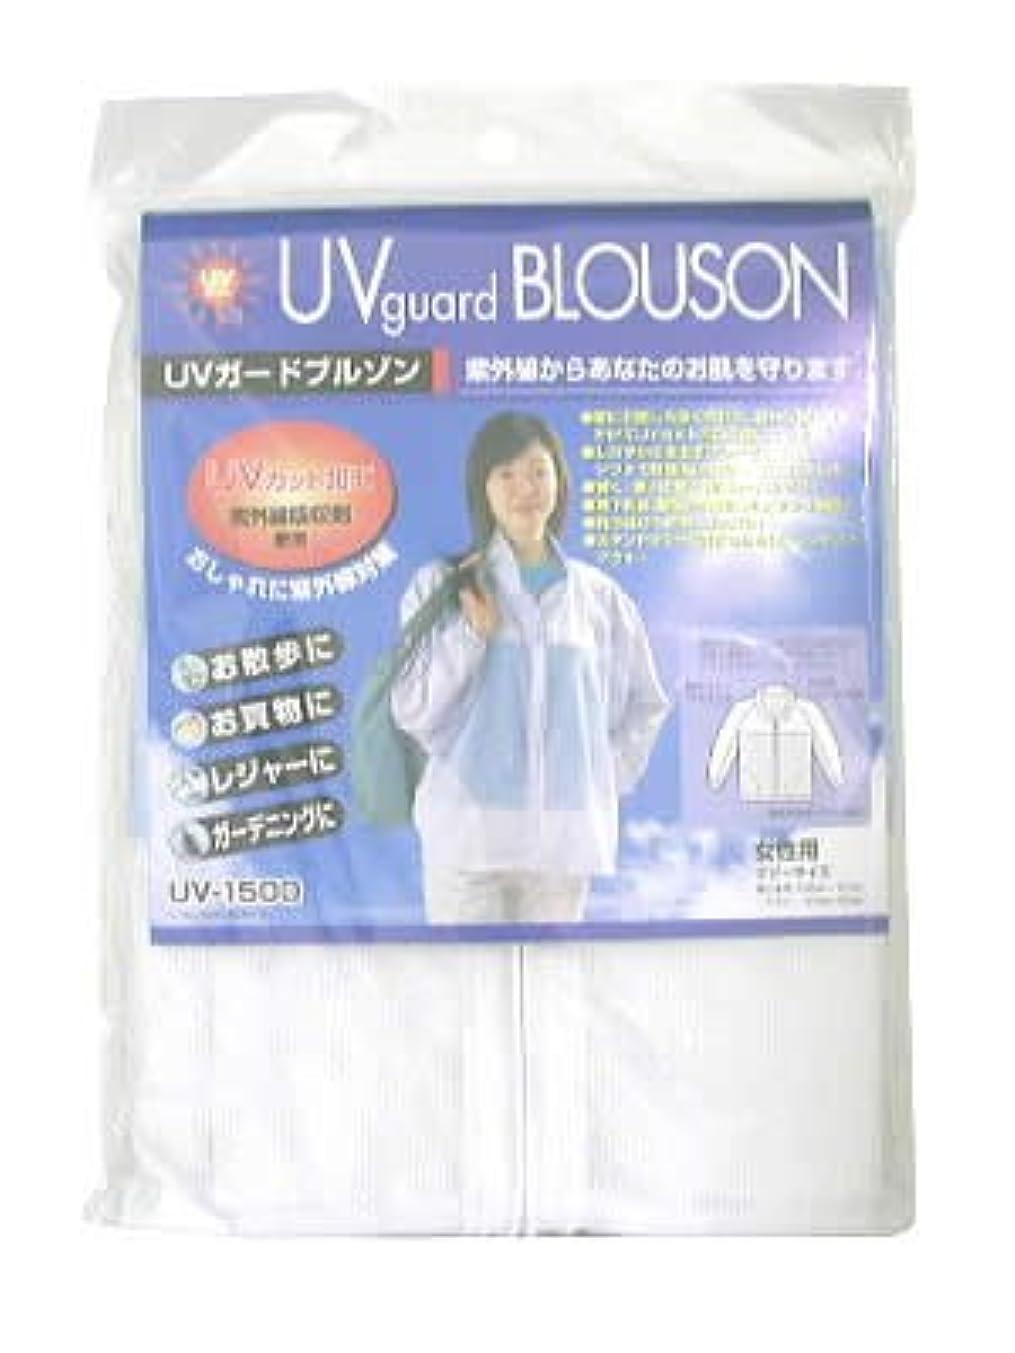 敬な取り替える脅迫UVガードブルゾン (UV-1500)